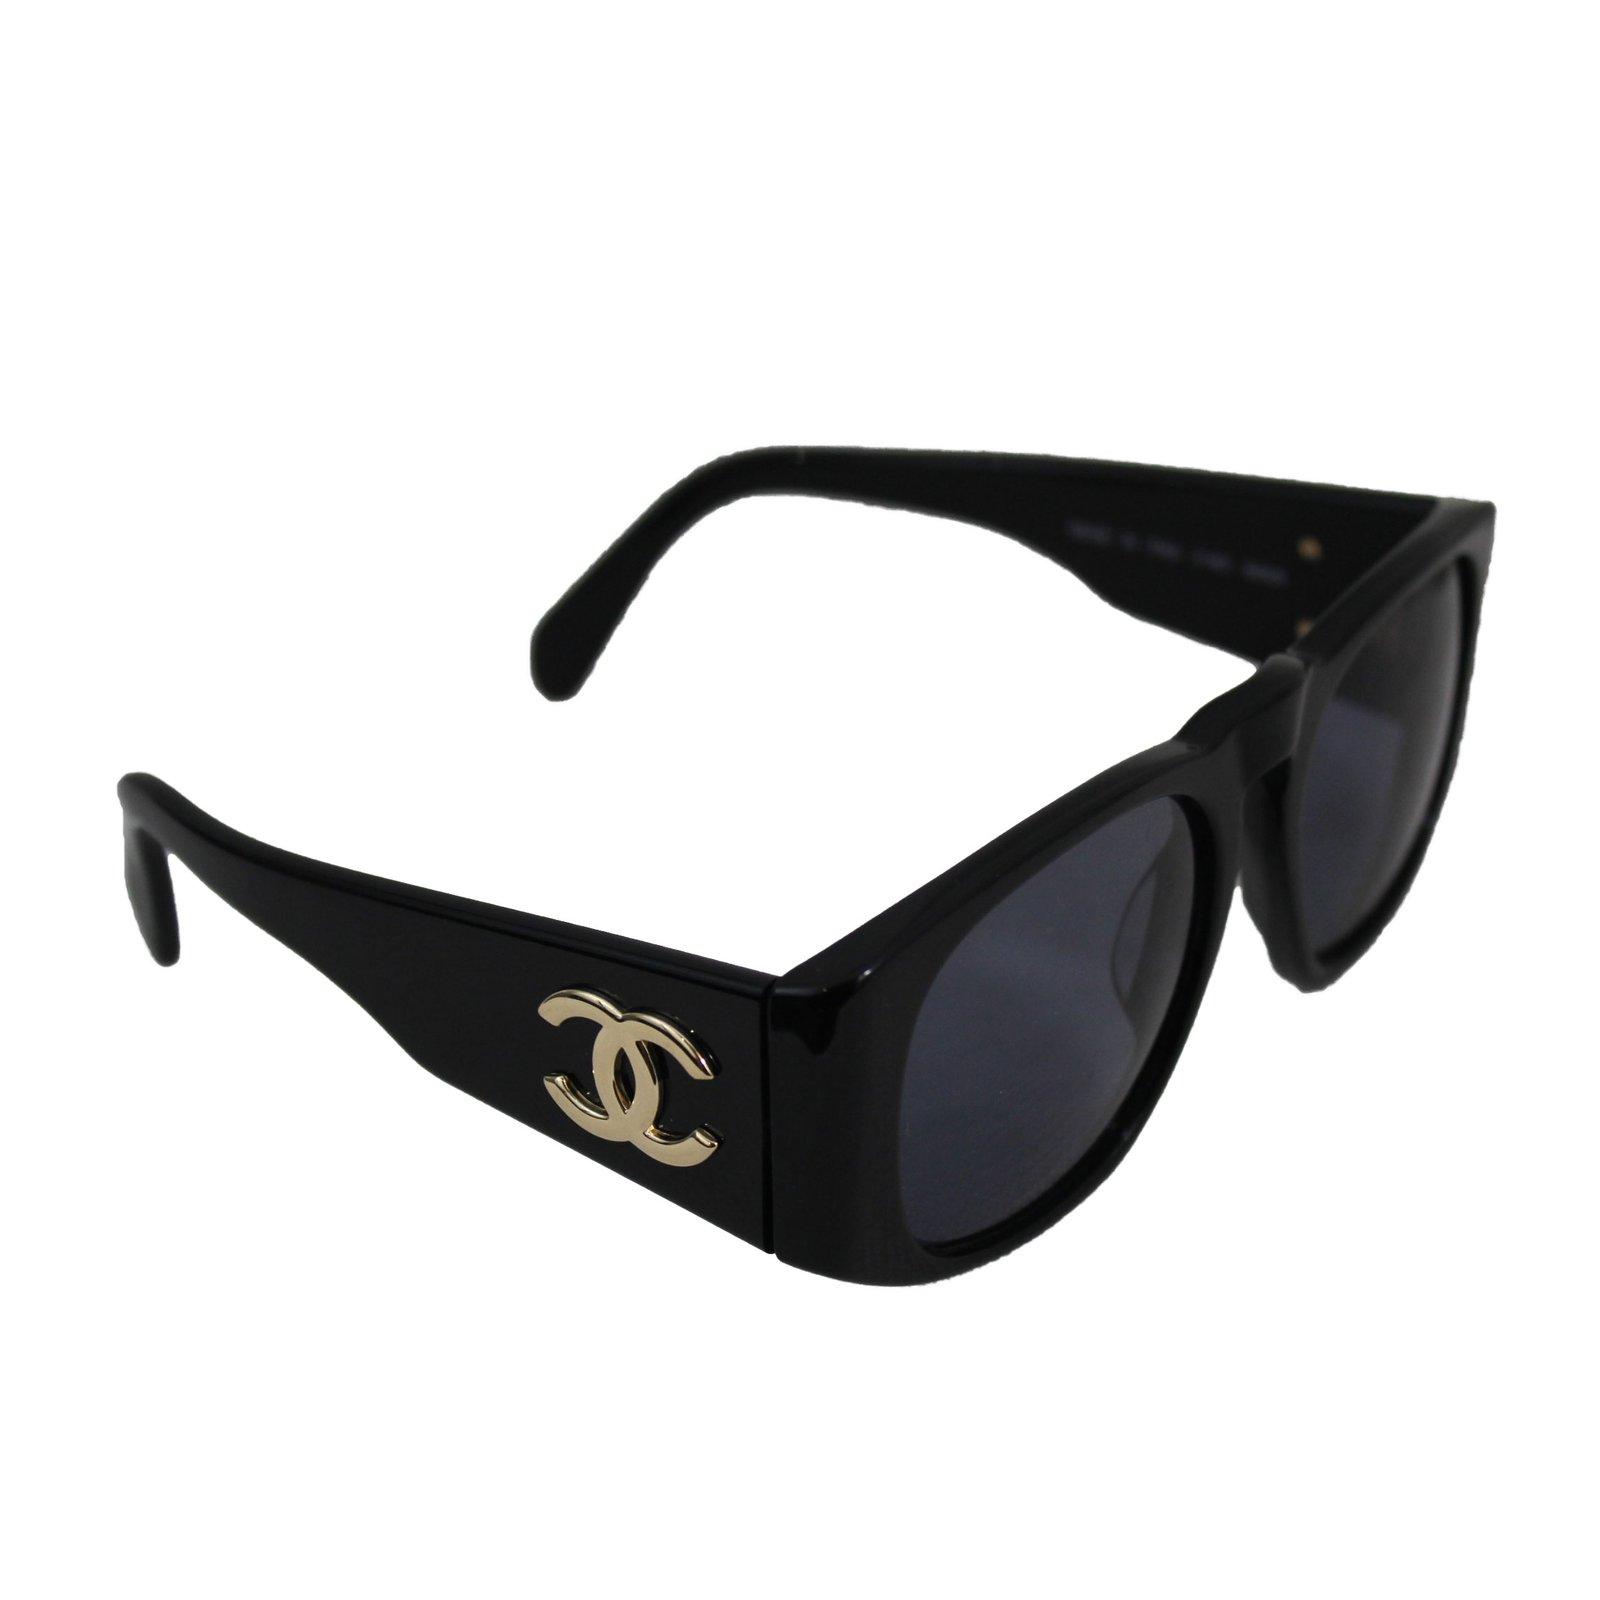 29ba3d655d6 Chanel Sunglasses Sunglasses Plastic Black ref.62108 - Joli Closet